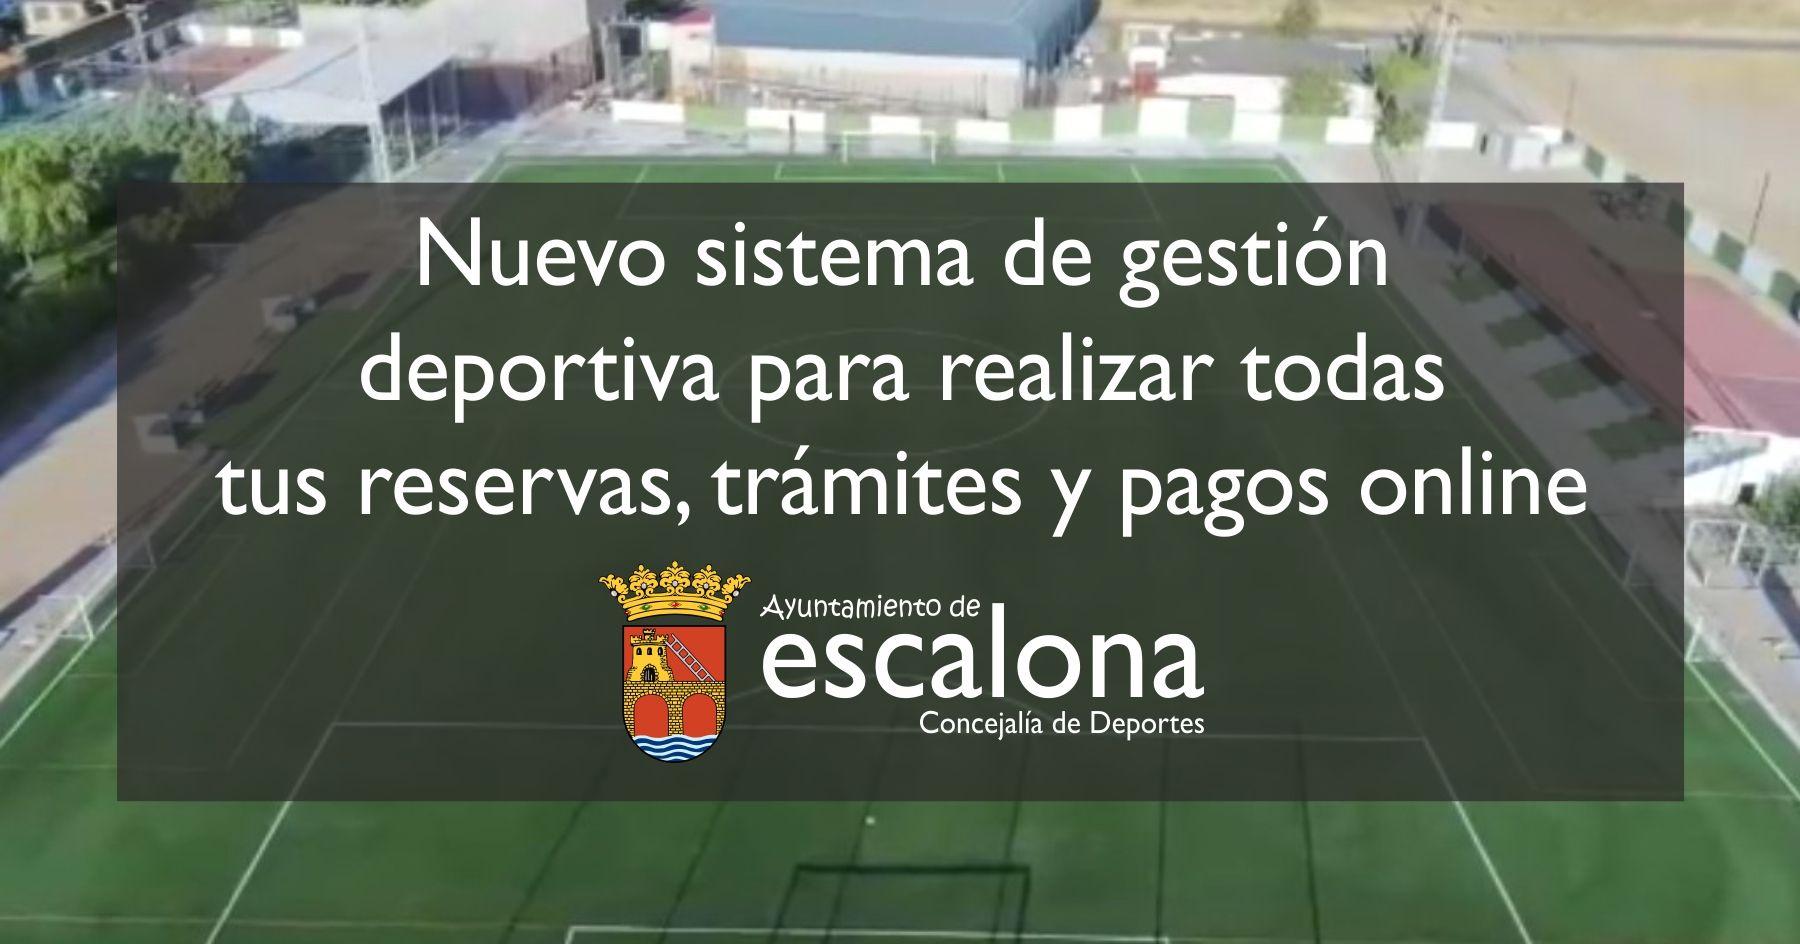 Nuevo sistema de gestión deportiva para realizar todas tus reservas, trámites y pagos online - Concejalía de Deportes del Ayuntamiento de Escalona